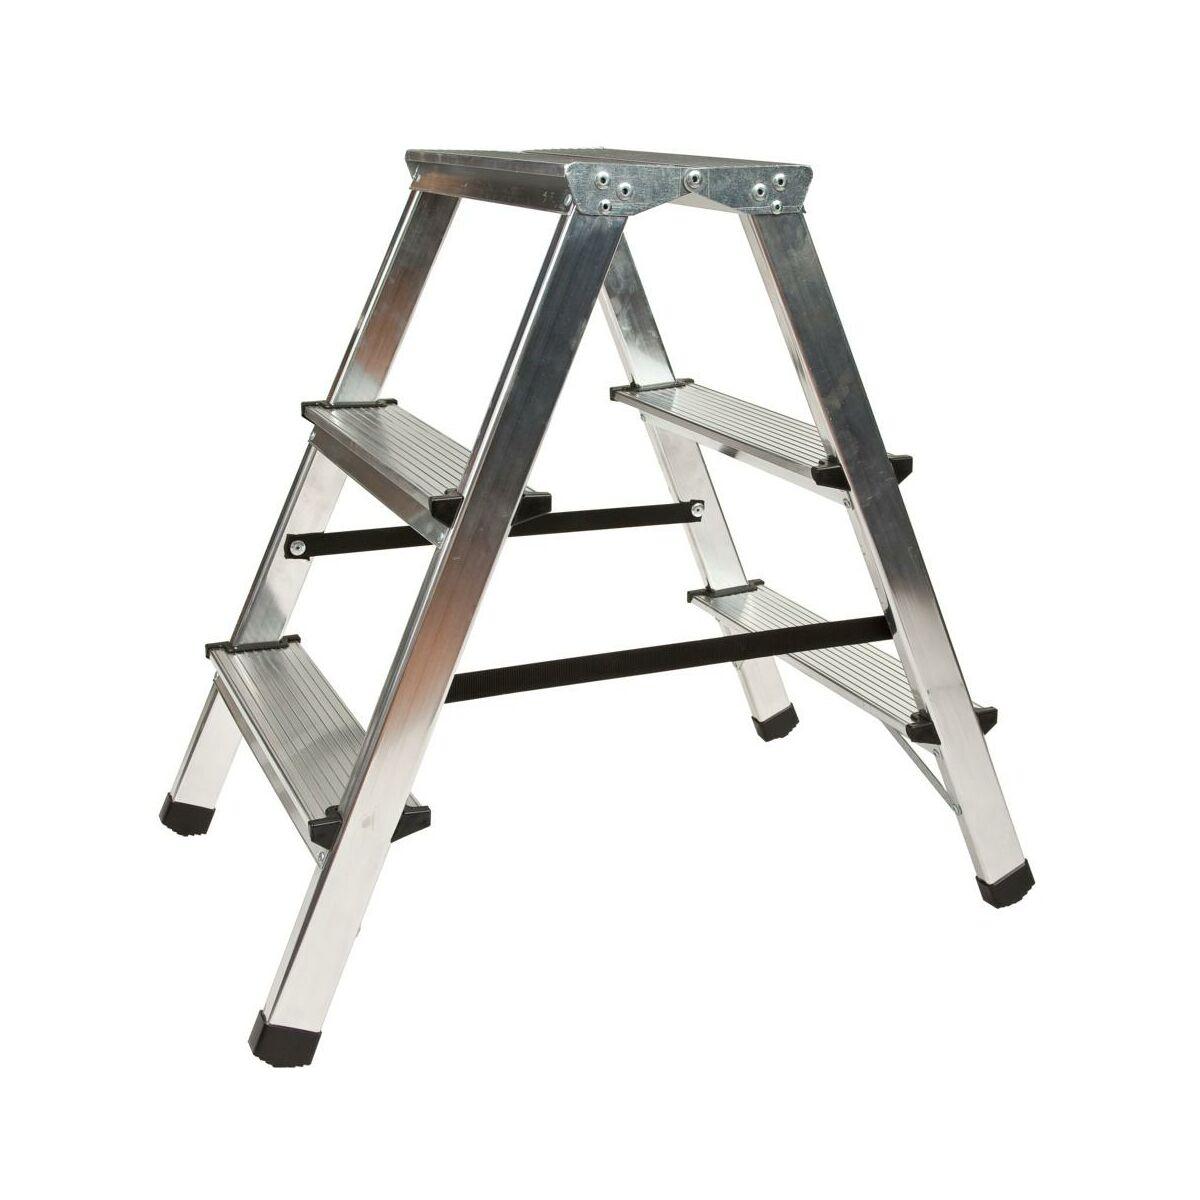 Drabina 2 Stronna 2 Stopnie Z Podestem Aluminiowa Drabest Drabiny I Schodki W Atrakcyjnej Cenie W Sklepach Leroy Merlin